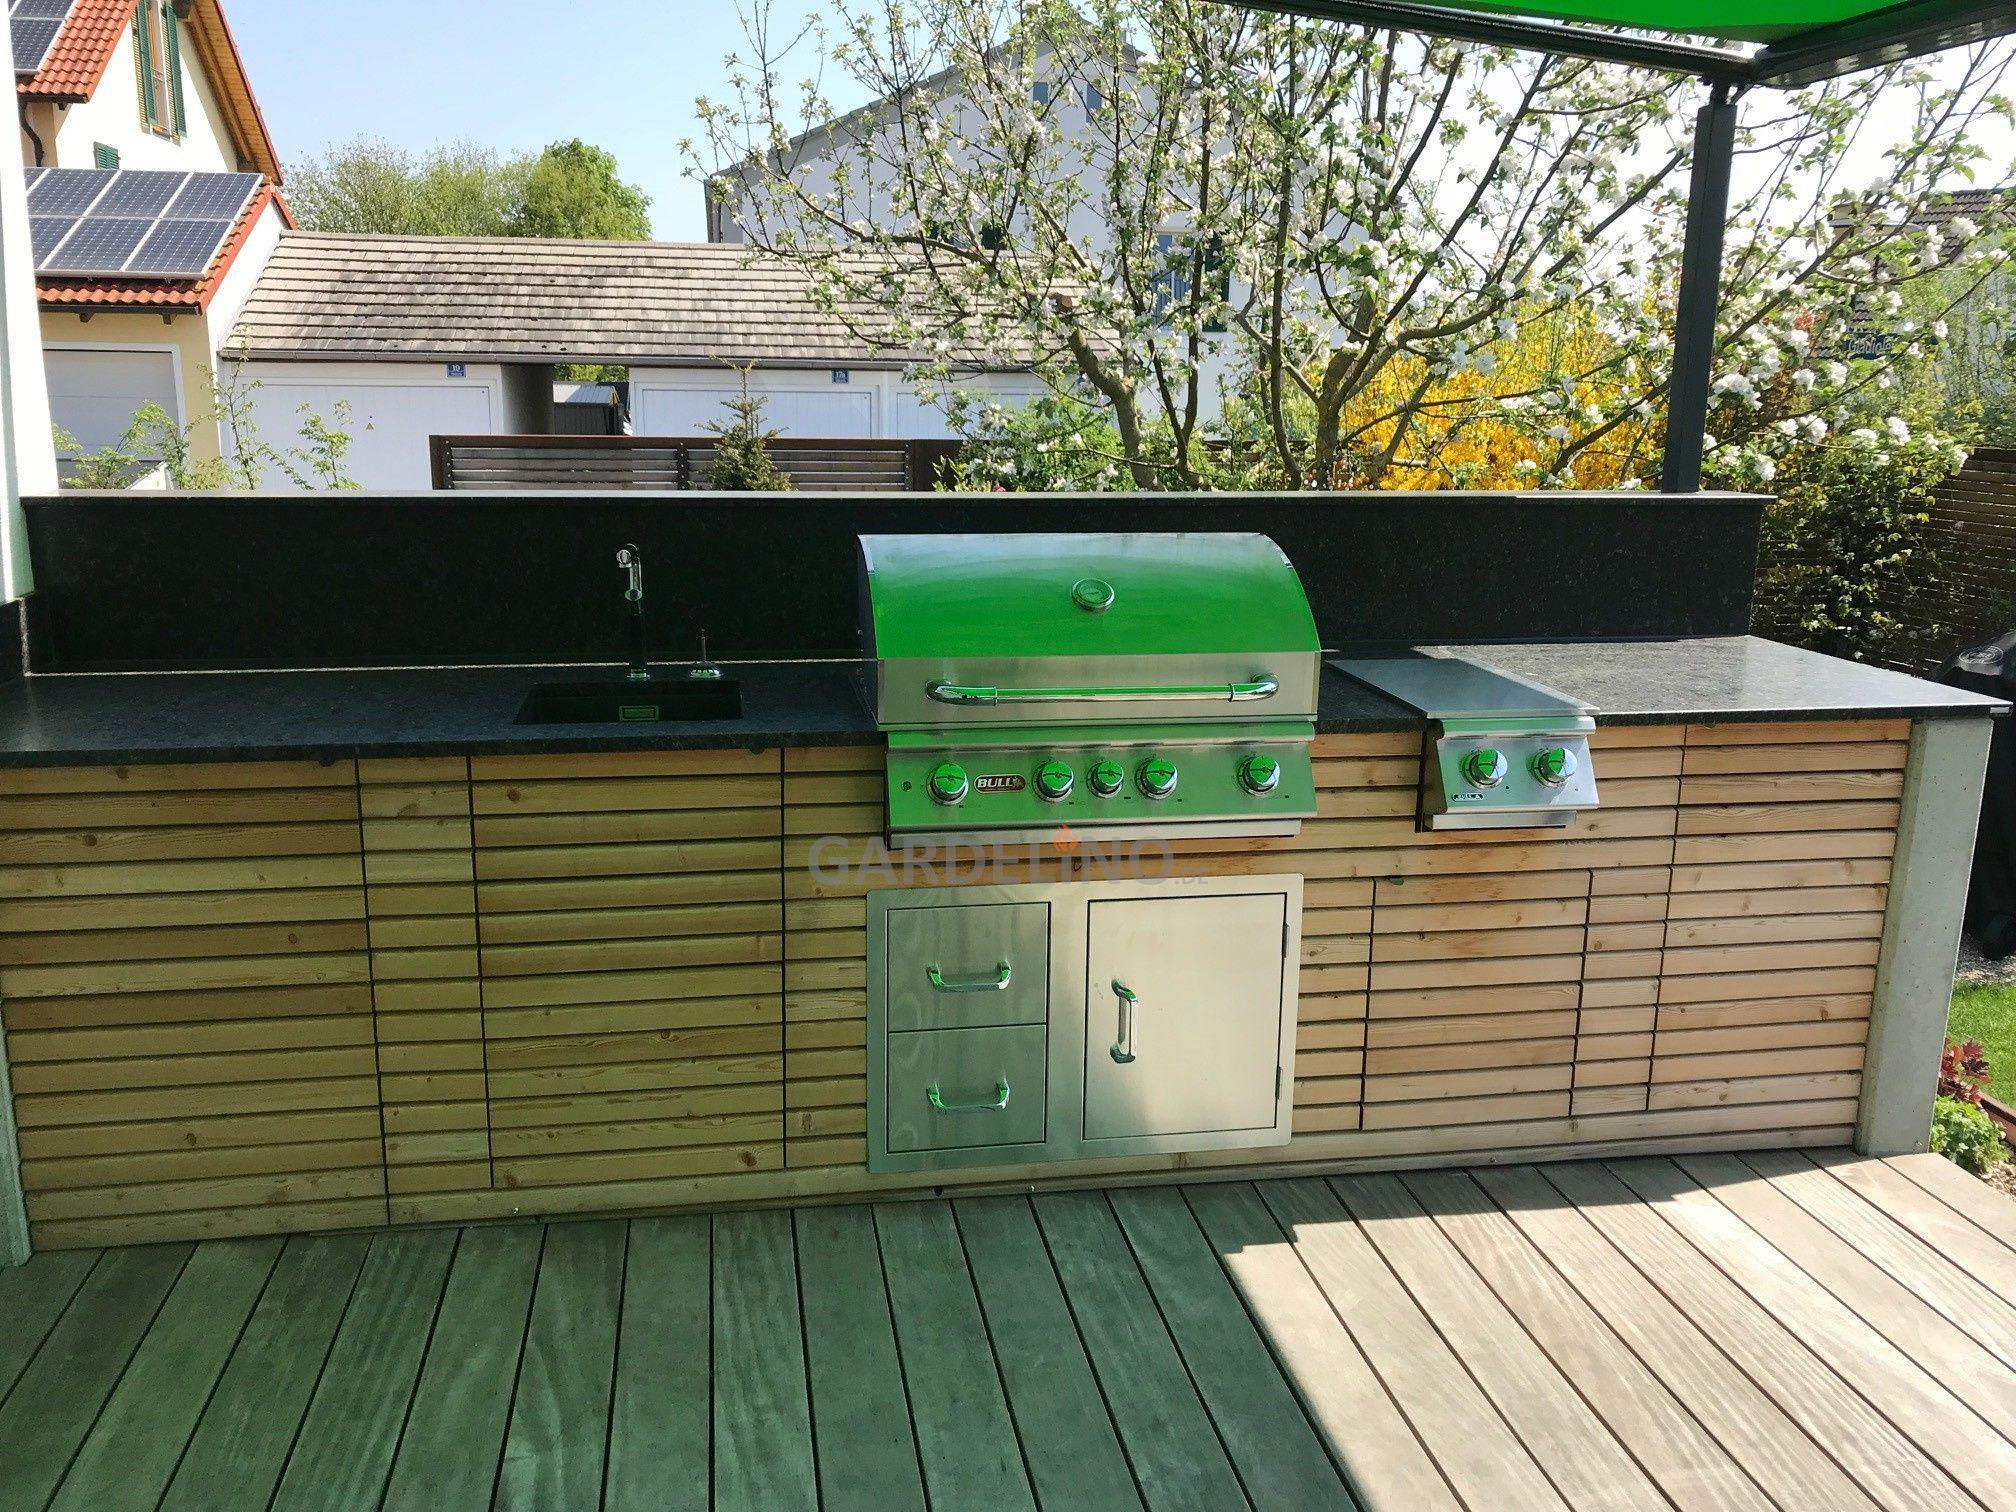 Outdoorküche Mit überdachung Outdoor Küche Outdoor küche